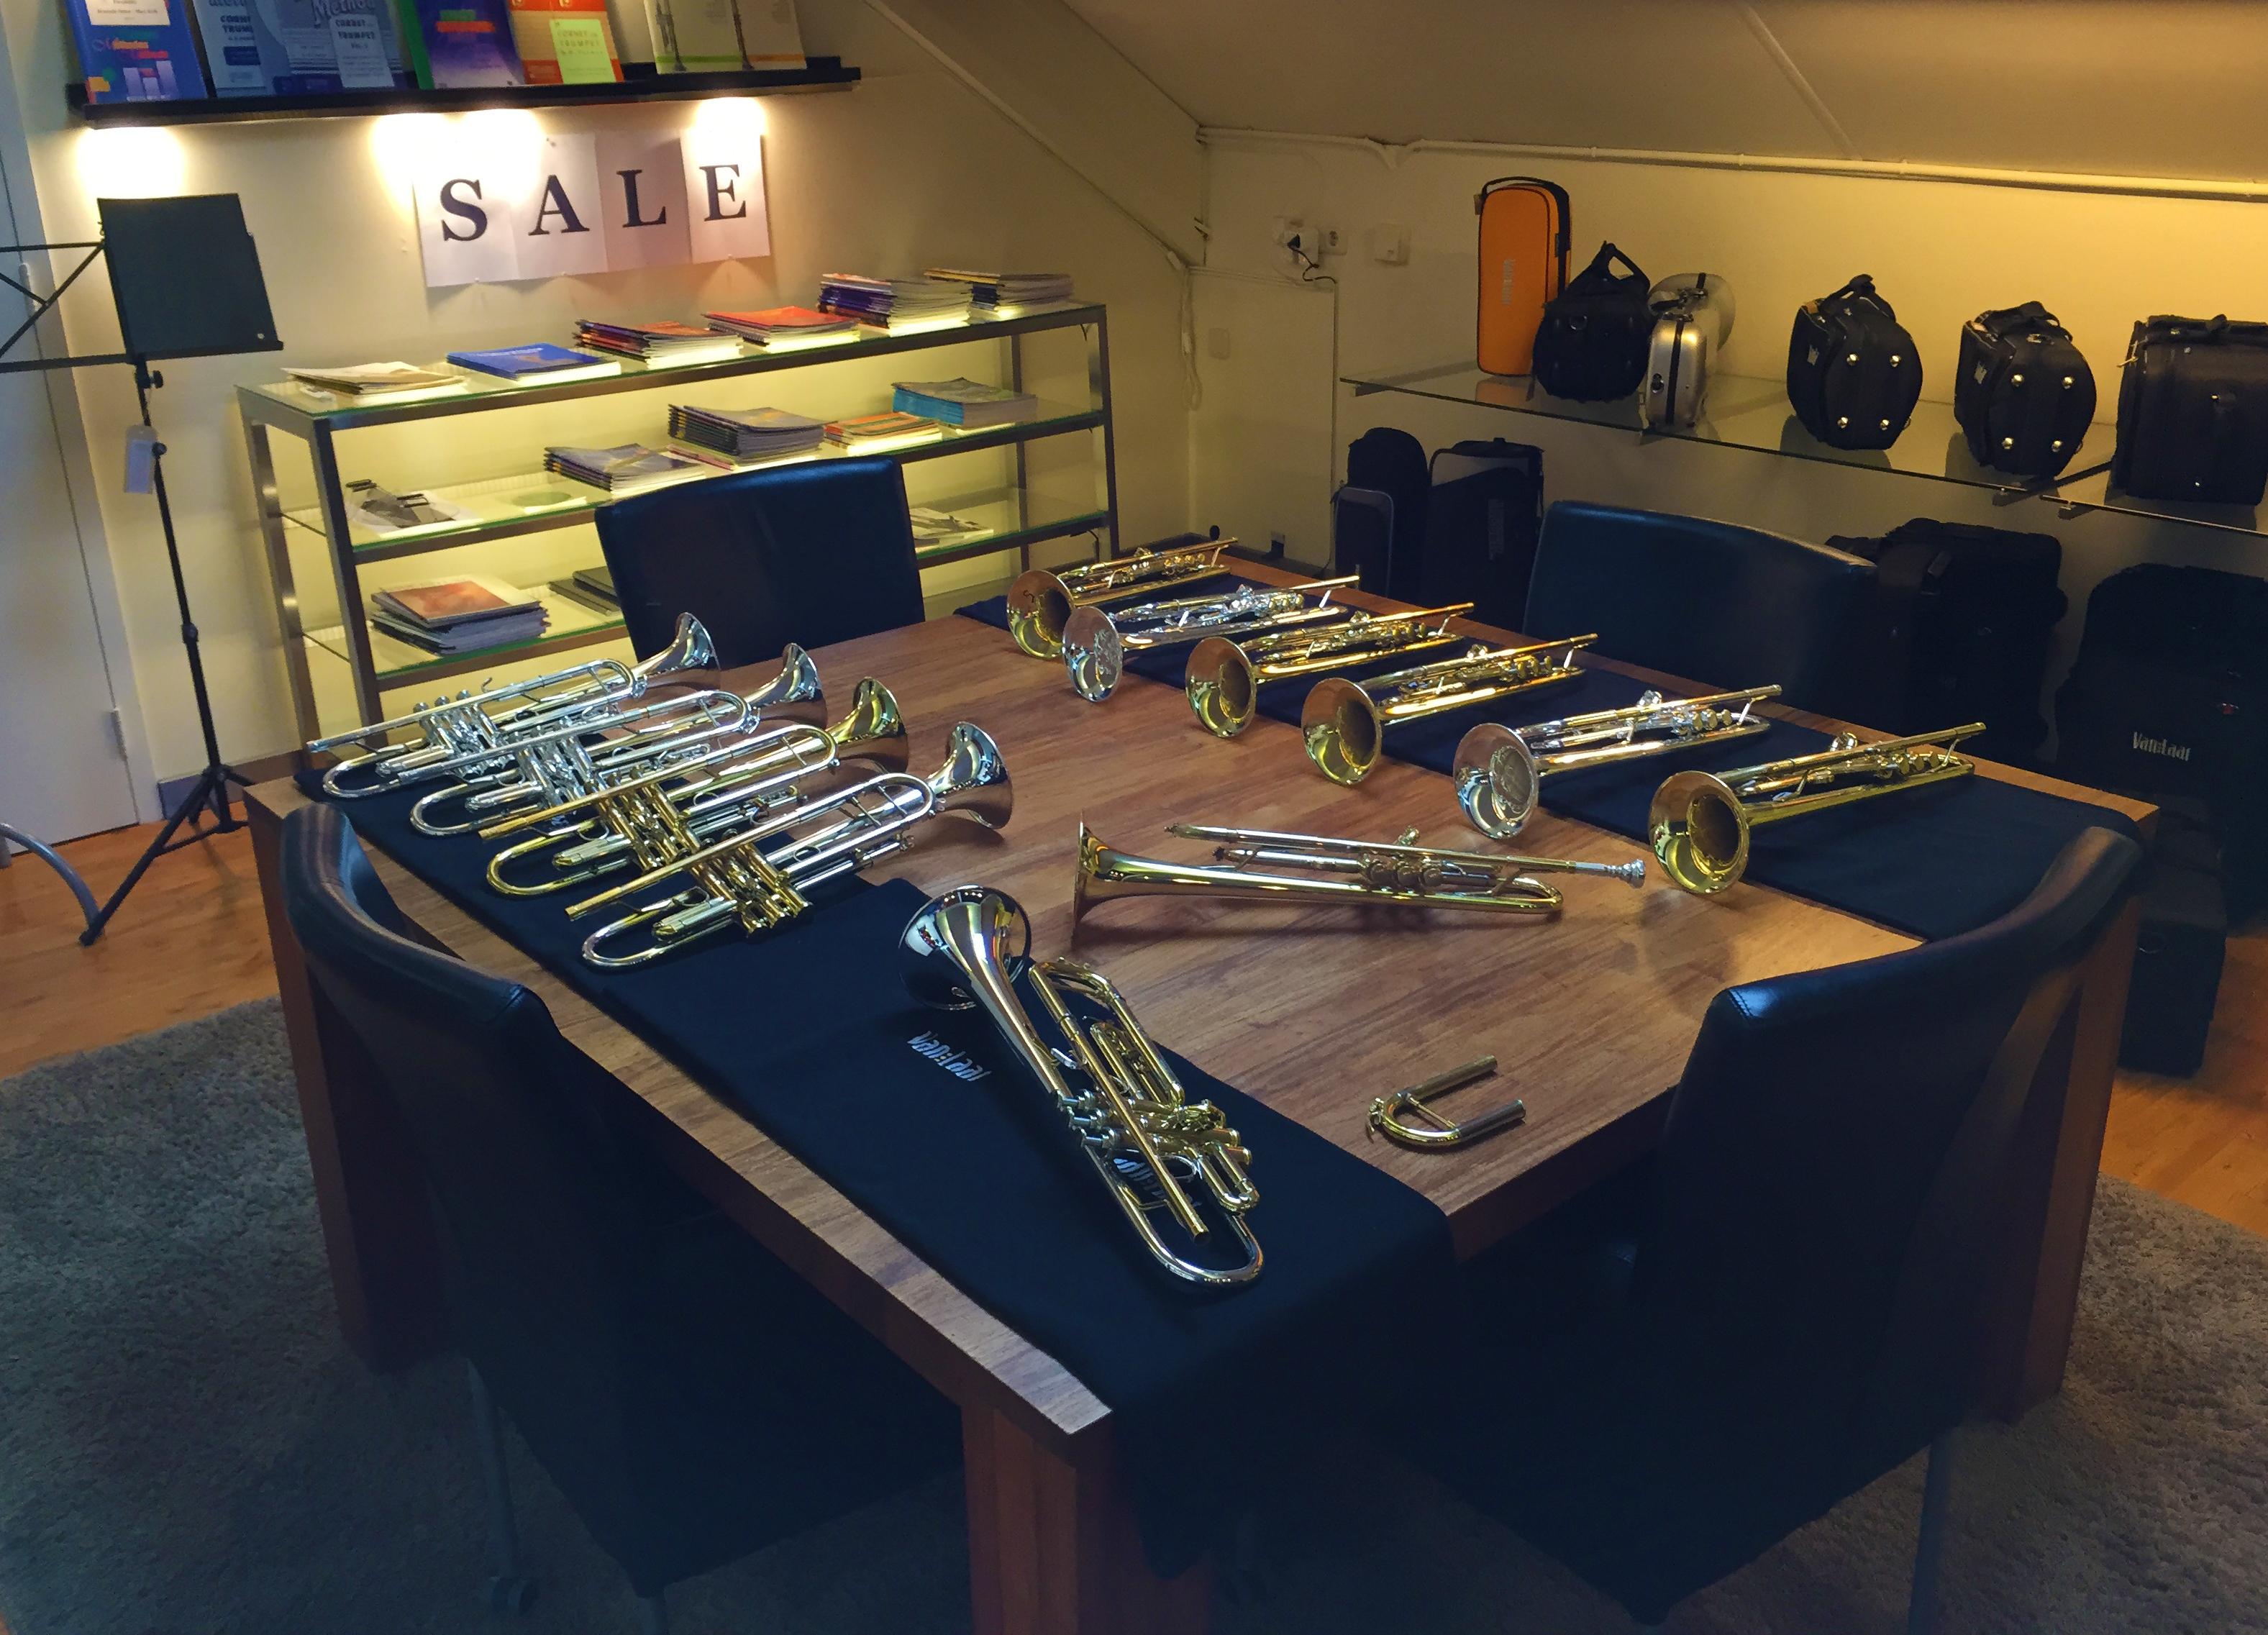 Hub van Laar shop visit